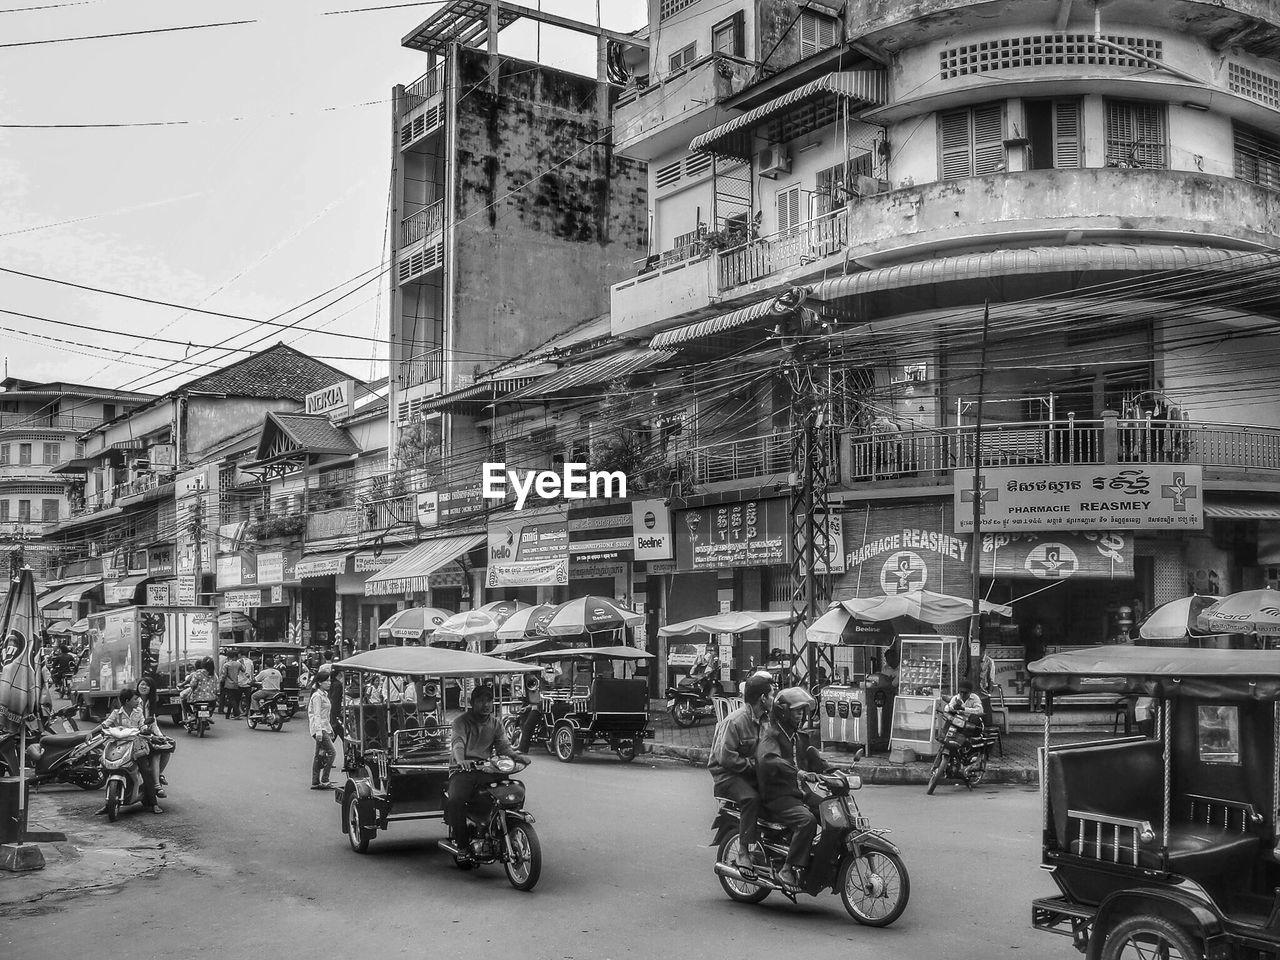 Busy street in oriental city